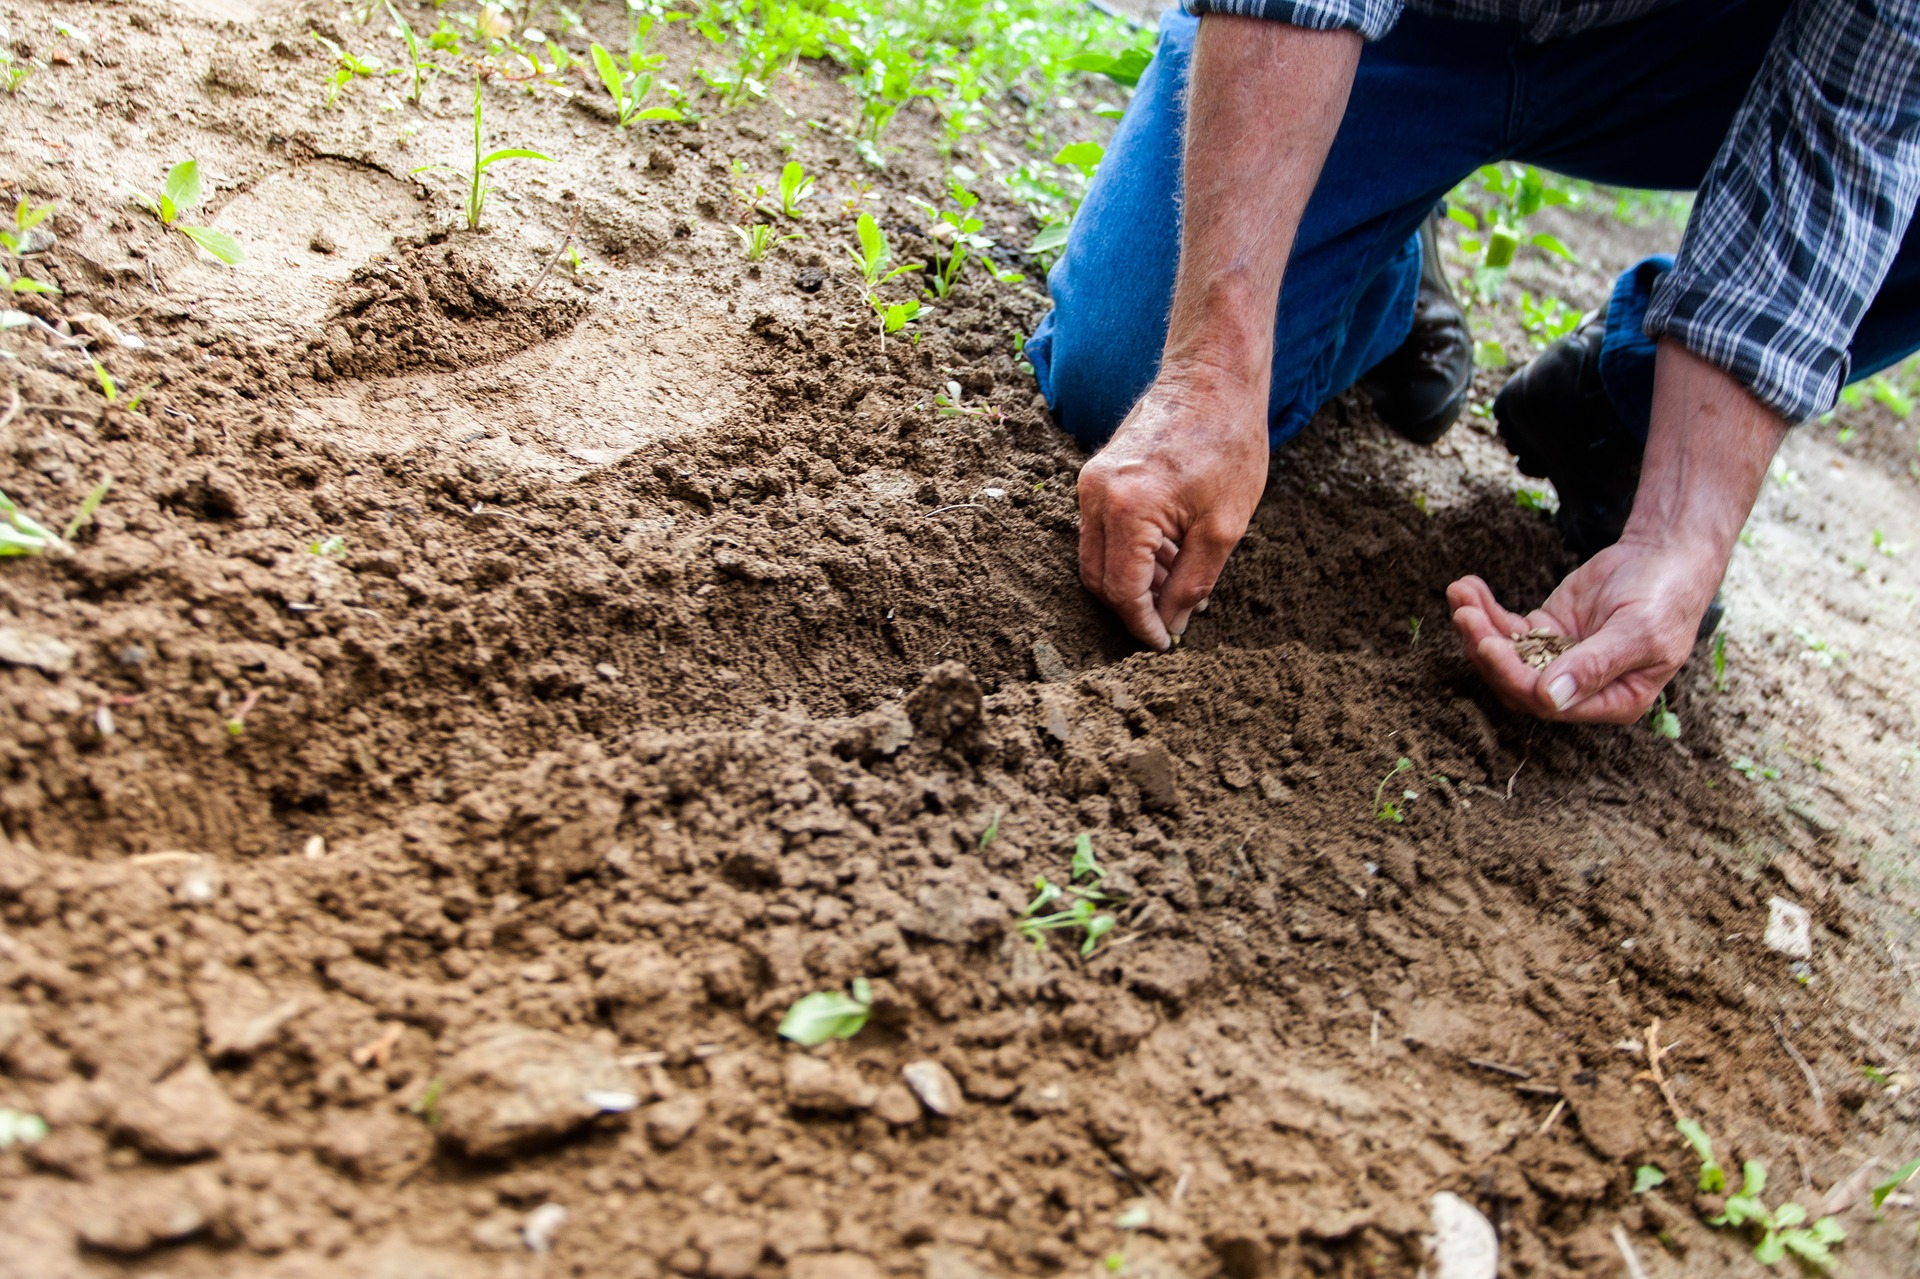 Far tornare in salute il 75% dei suoli europei: è l'obiettivo principale della Mission Soil dell'Unione europea.